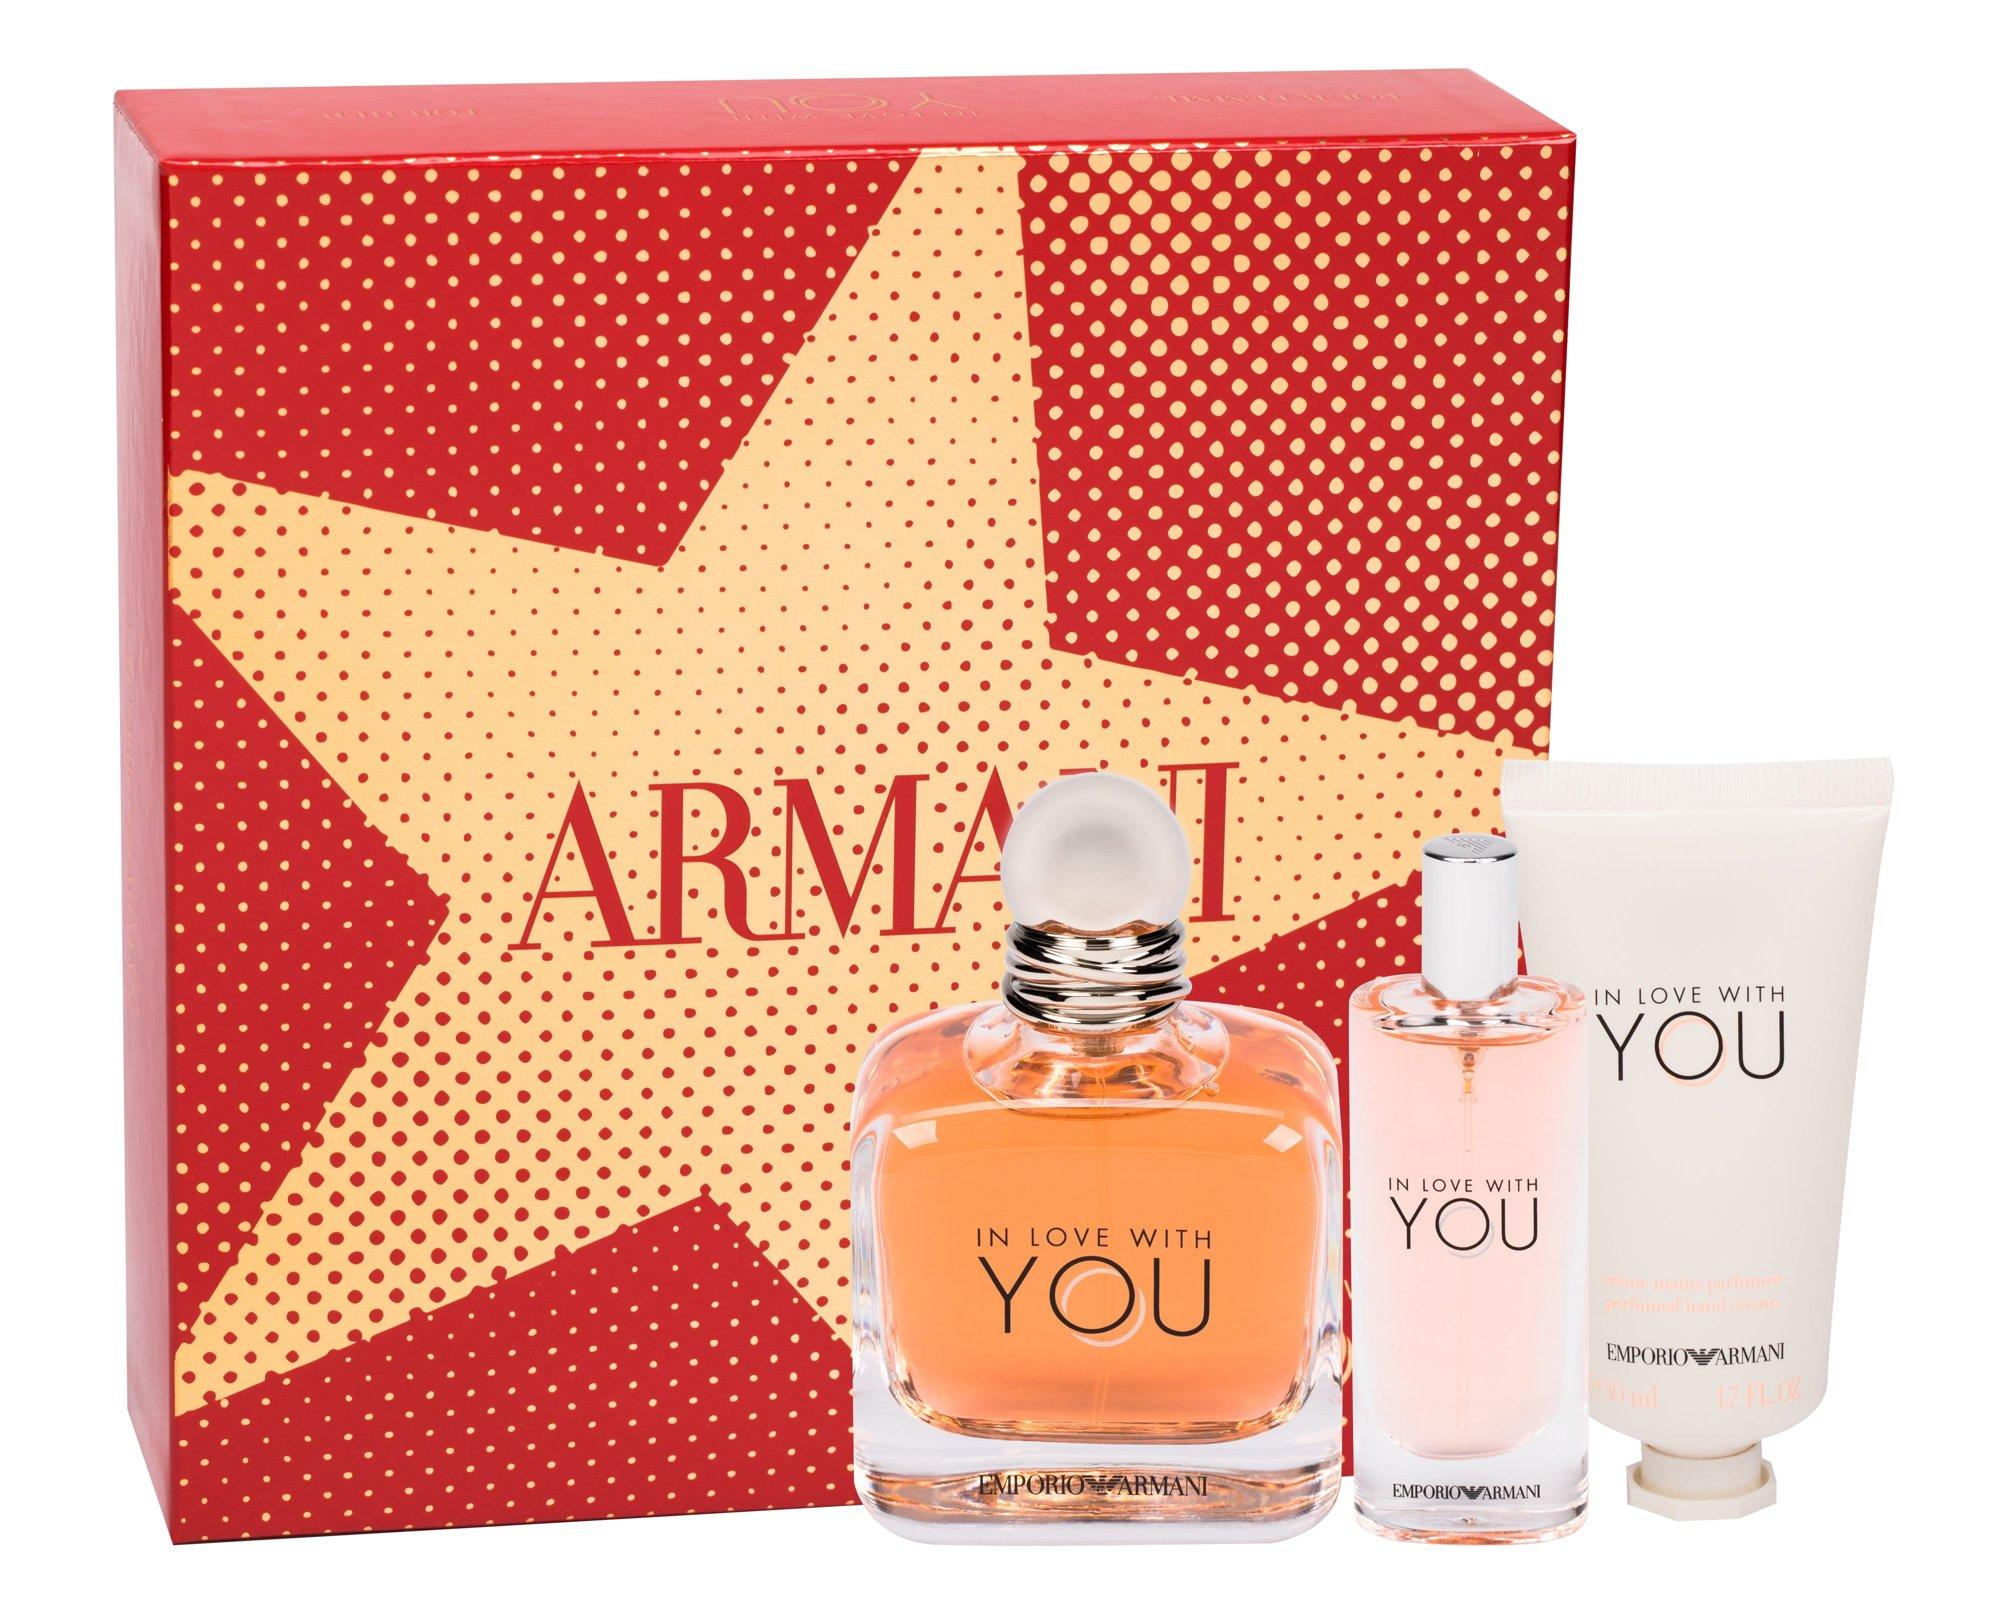 Giorgio Armani Emporio Armani In Love With You - parfémová voda 100 ml + parfémová voda 15 ml + krém na ruce 50 ml W Objem: 100 ml